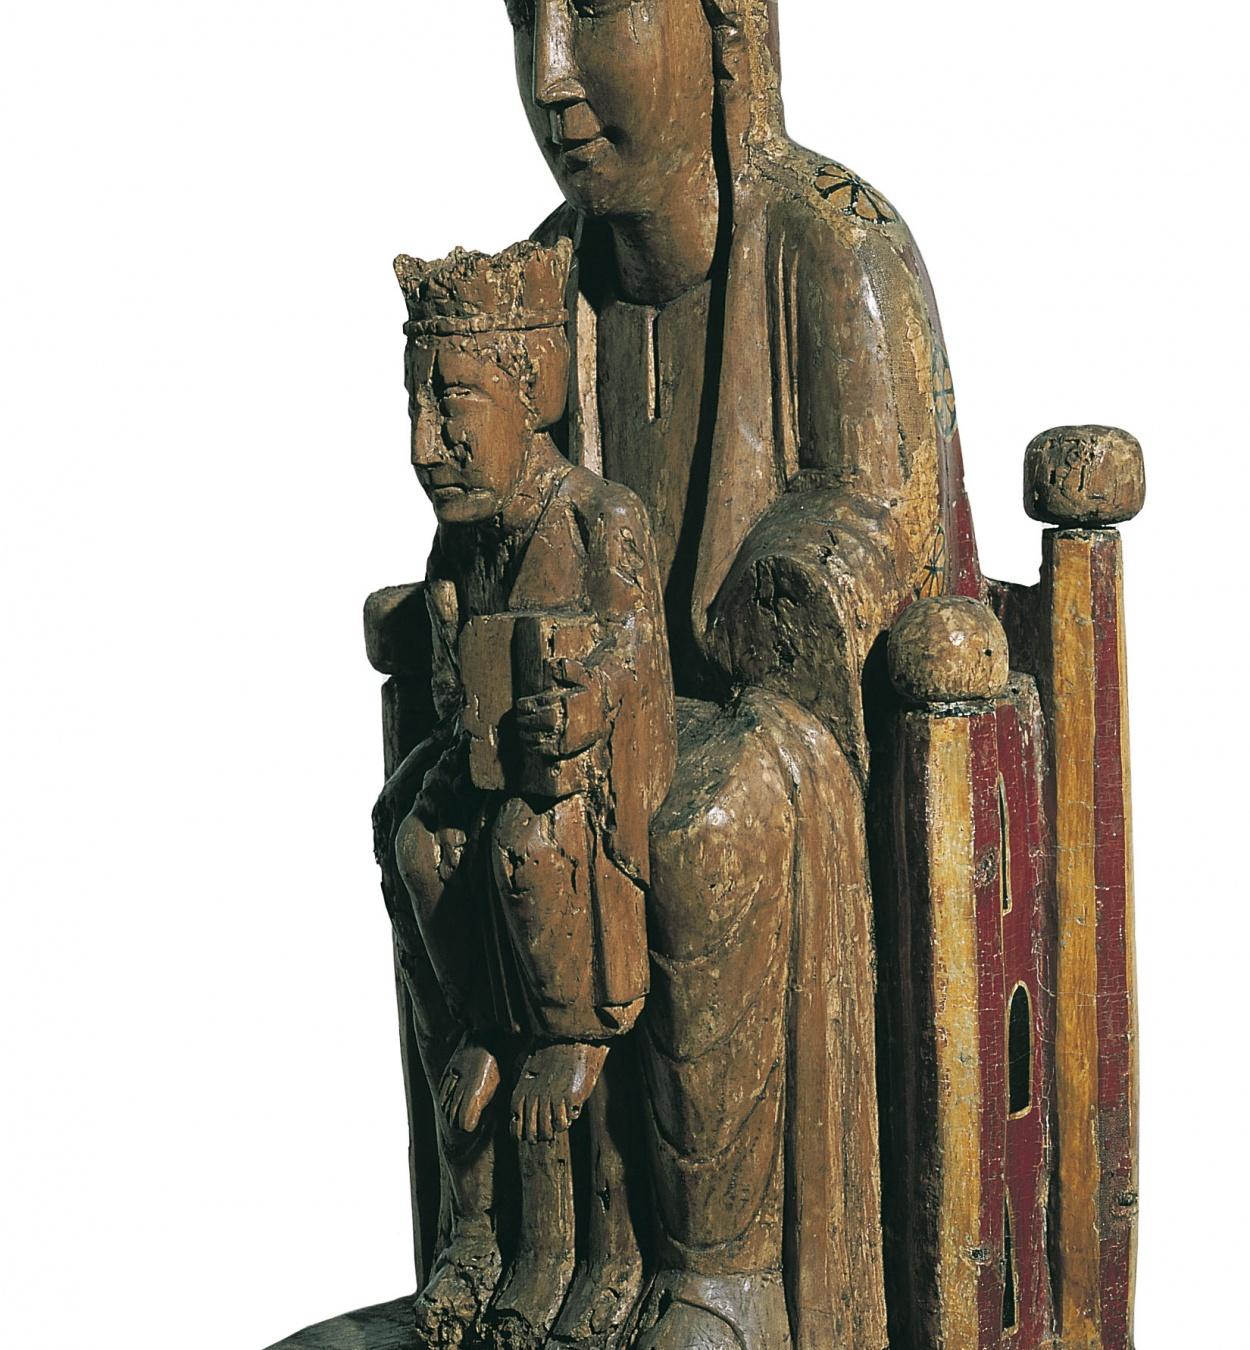 Anònim - Mare de Déu de Matadars - Segona meitat del segle XII